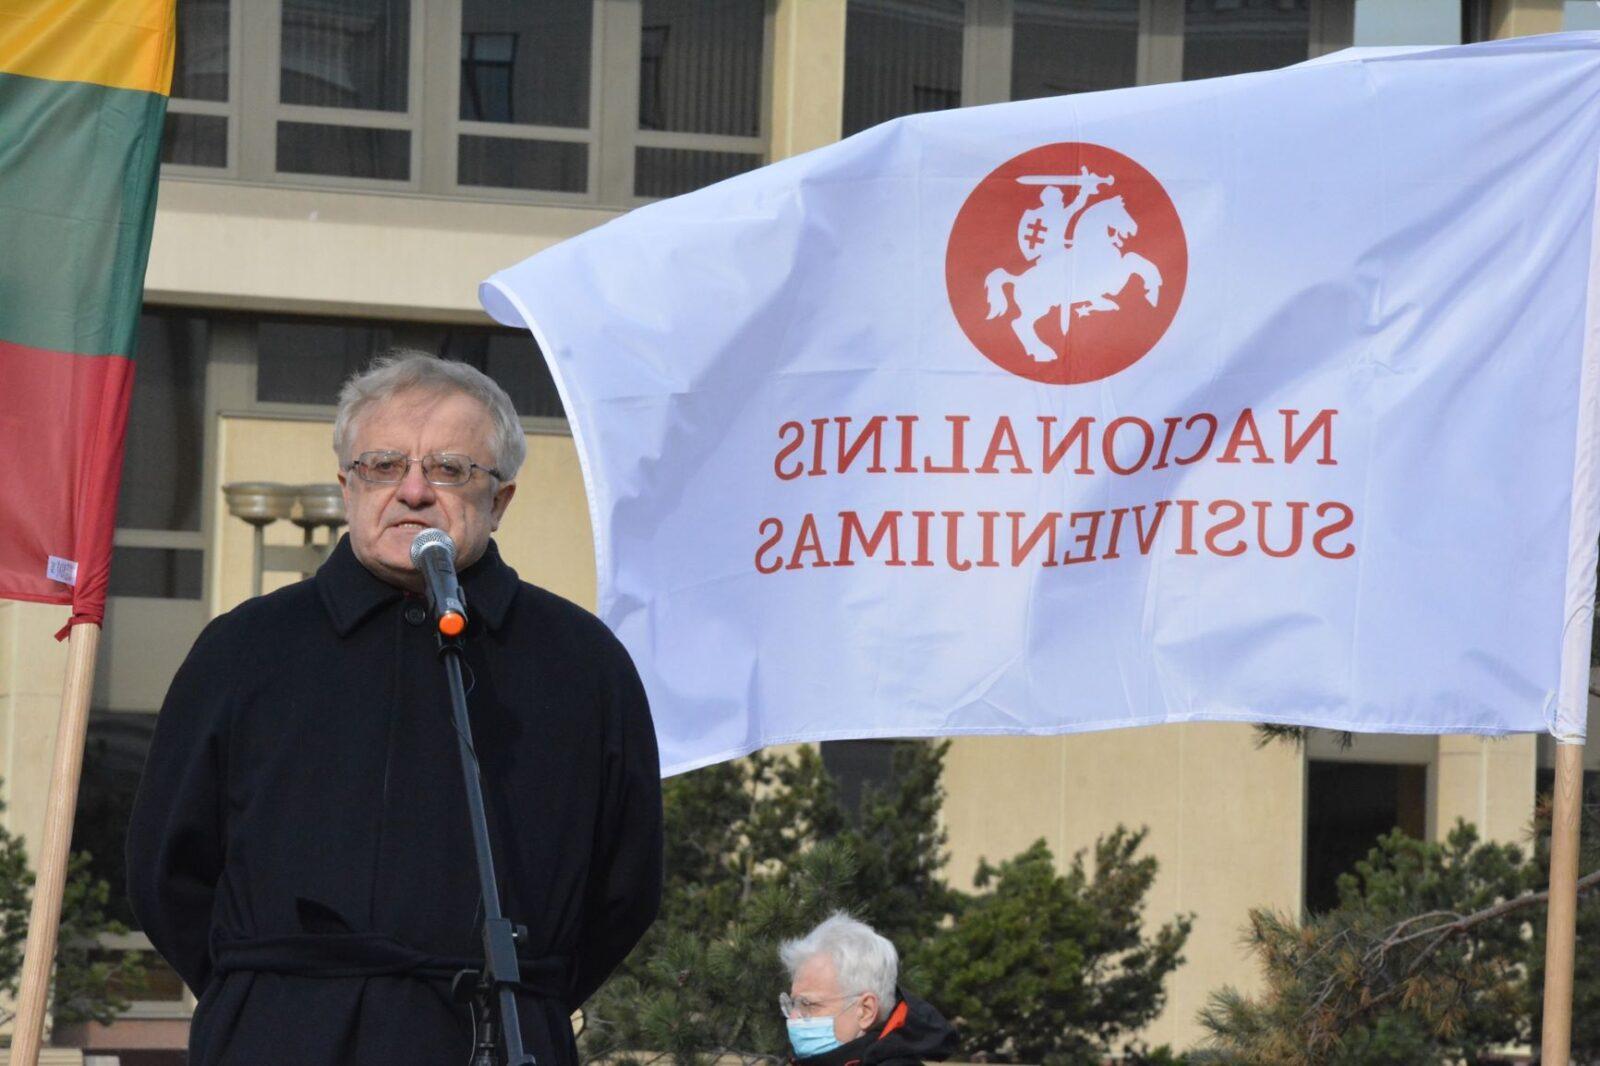 Komedija – landsbergistai protestavo dėl A.Jakubausko, kuris tyrė V. Landsbergio nusikaltimus, pašalinimą (papildyta slaptais dokumentais)